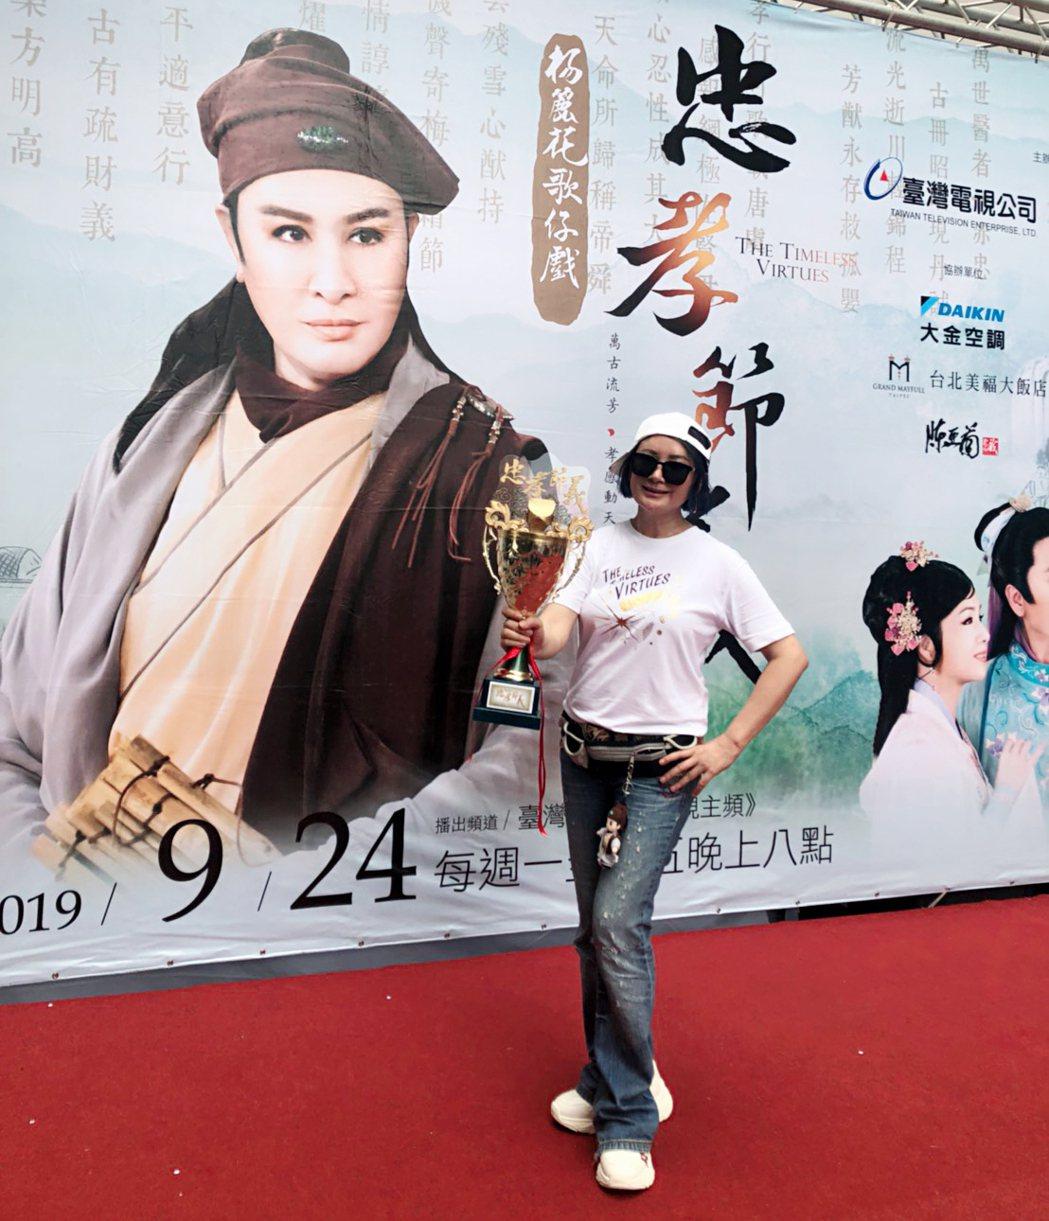 陳亞蘭收下粉絲送上的忠孝節義冠軍獎盃。圖/麗生百合提供